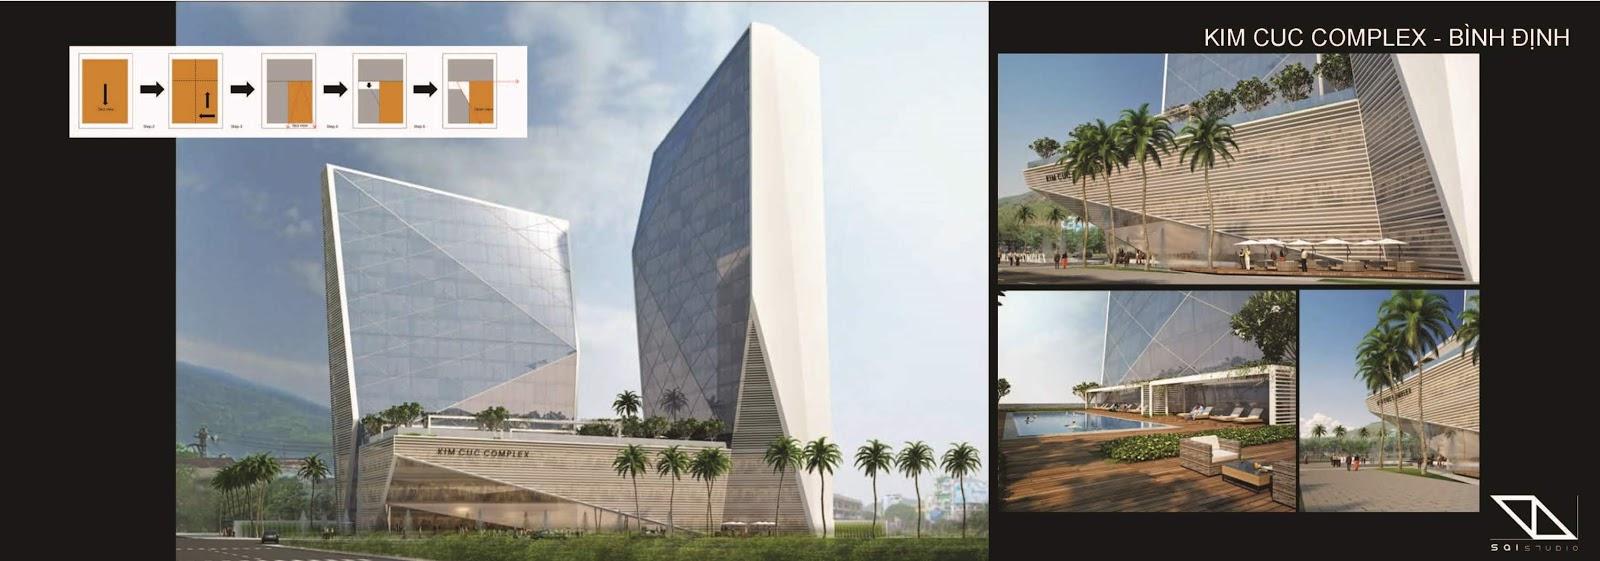 BUILDING KIM CUC COMPLEX - BÌNH ĐỊNH